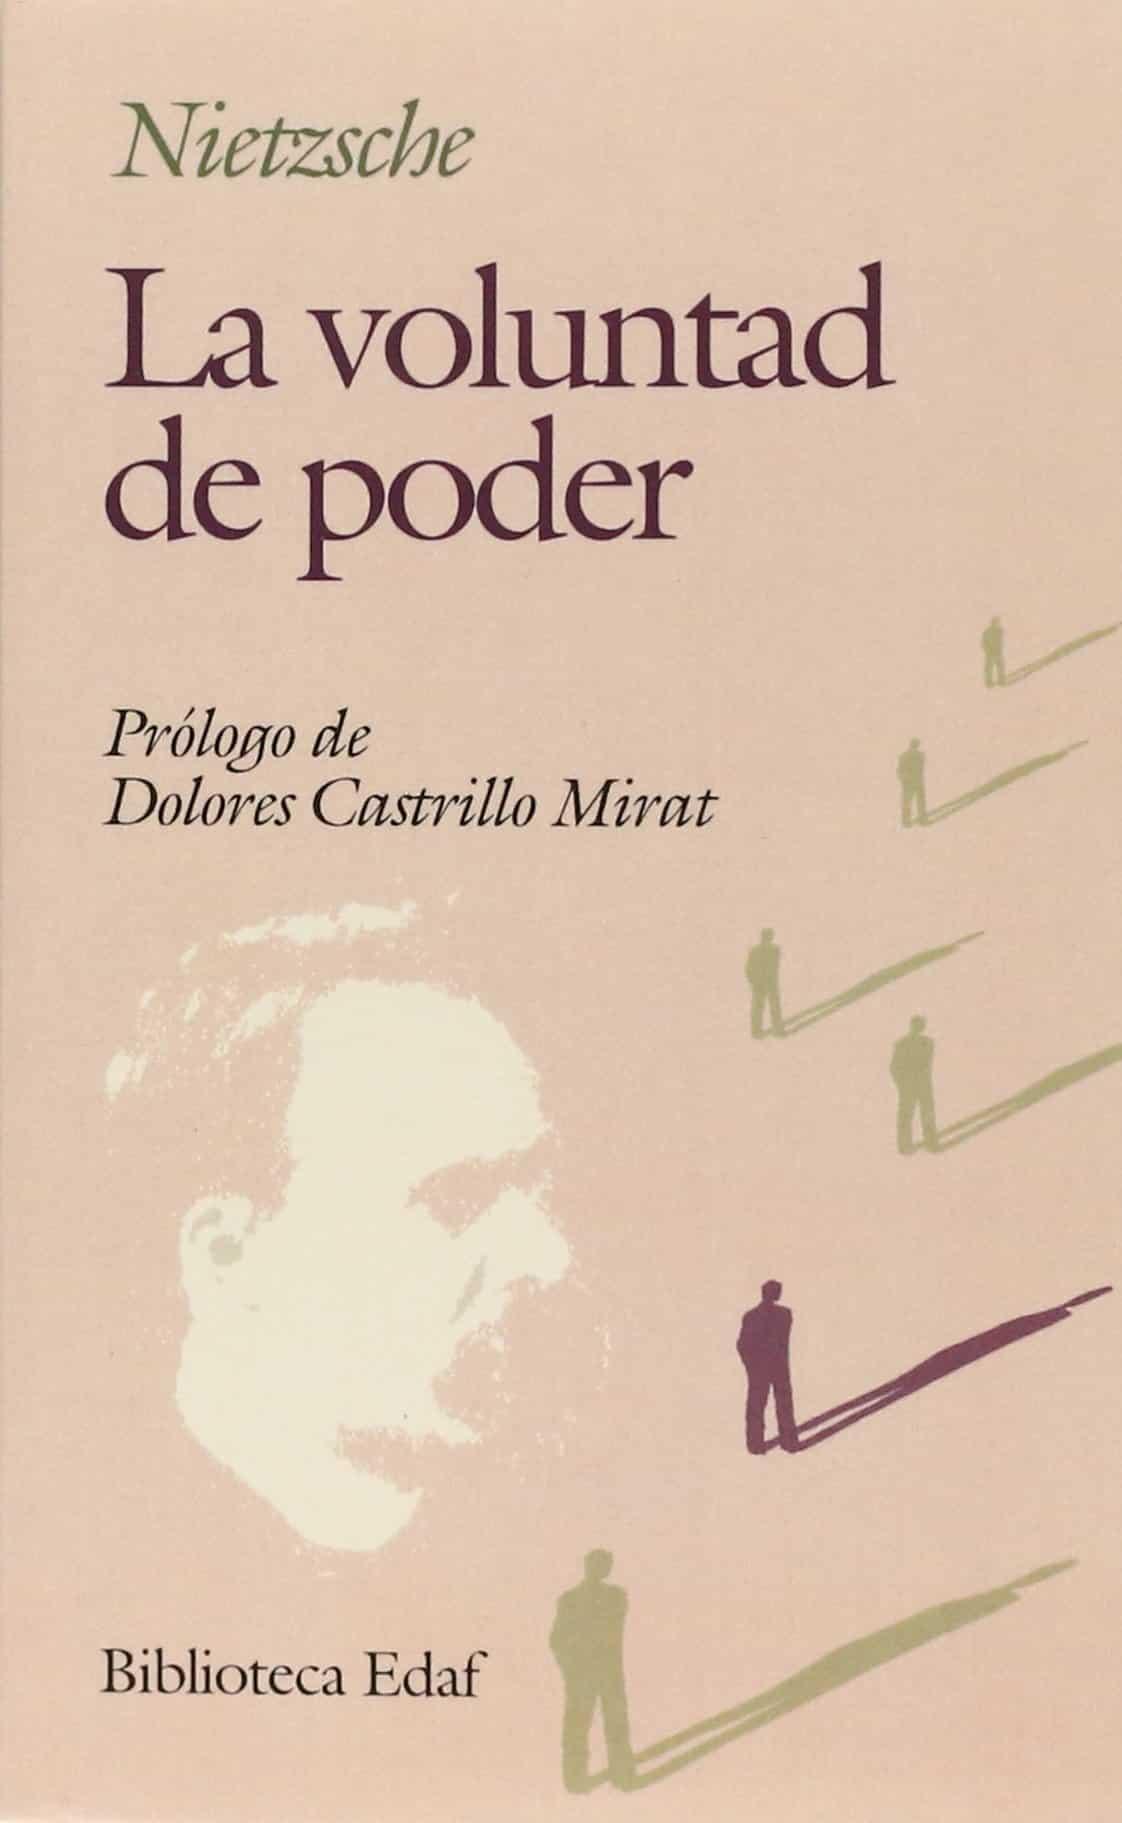 """Portada del libro """"La voluntad del poder"""" de Friedrich Nietzsche."""